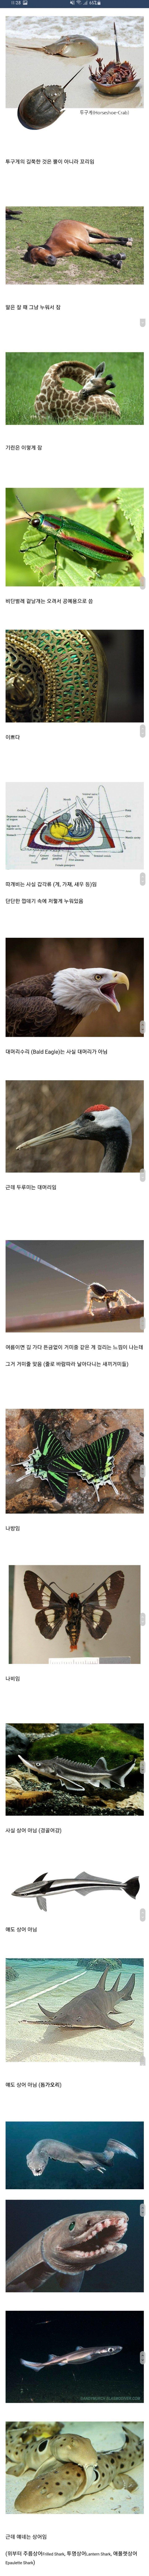 viewimage.php?id=3eb4de21e9d73ab360b8dab04785736f&no=24b0d769e1d32ca73dec8efa11d02831b210072811d995369f4ff09c9cd74d83c74e6cac954b4fdce3d44ae450327fe22dad28cd4ee9bea5cd5fc434225bff264da3fc2638ce18afb56e8f61af0223be01d809333285162d02d93a98b0